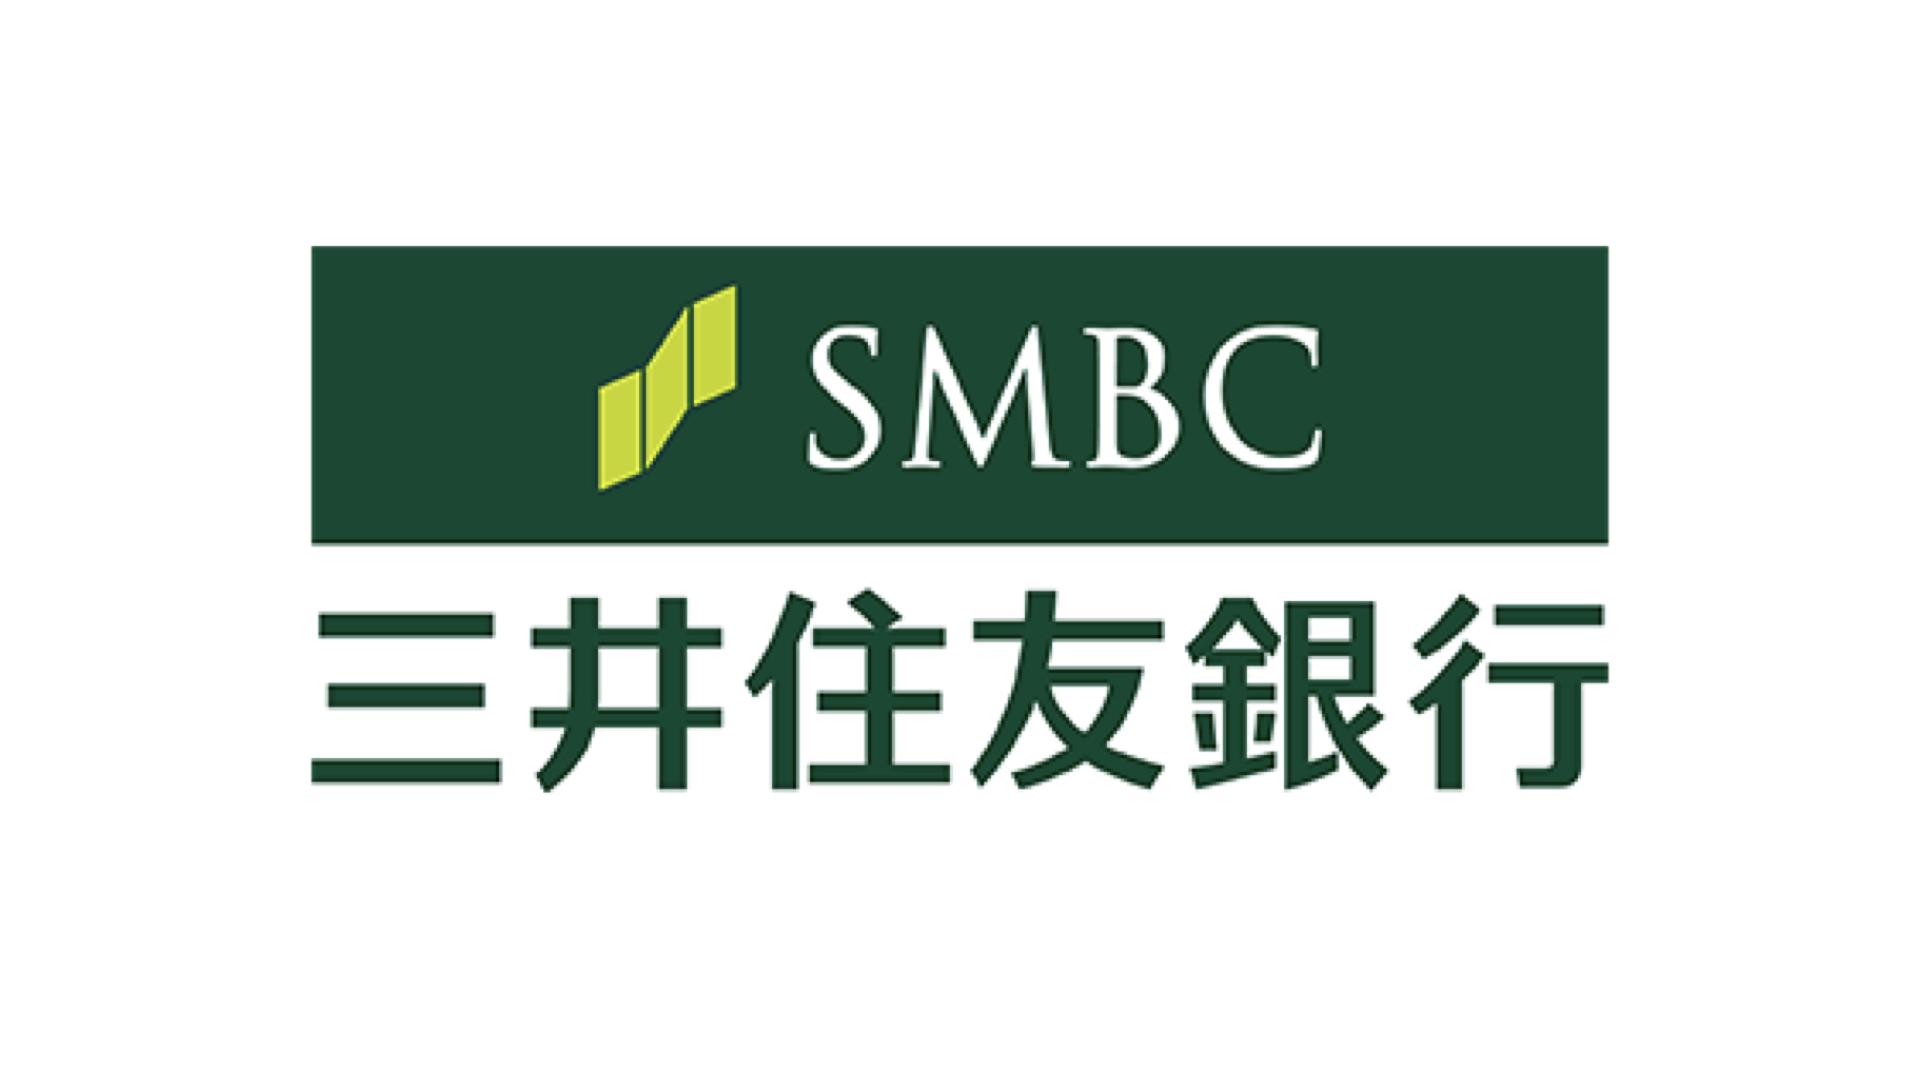 三井住友銀行、夢洲の発展を支援するチームを新設 | AGB Nippon